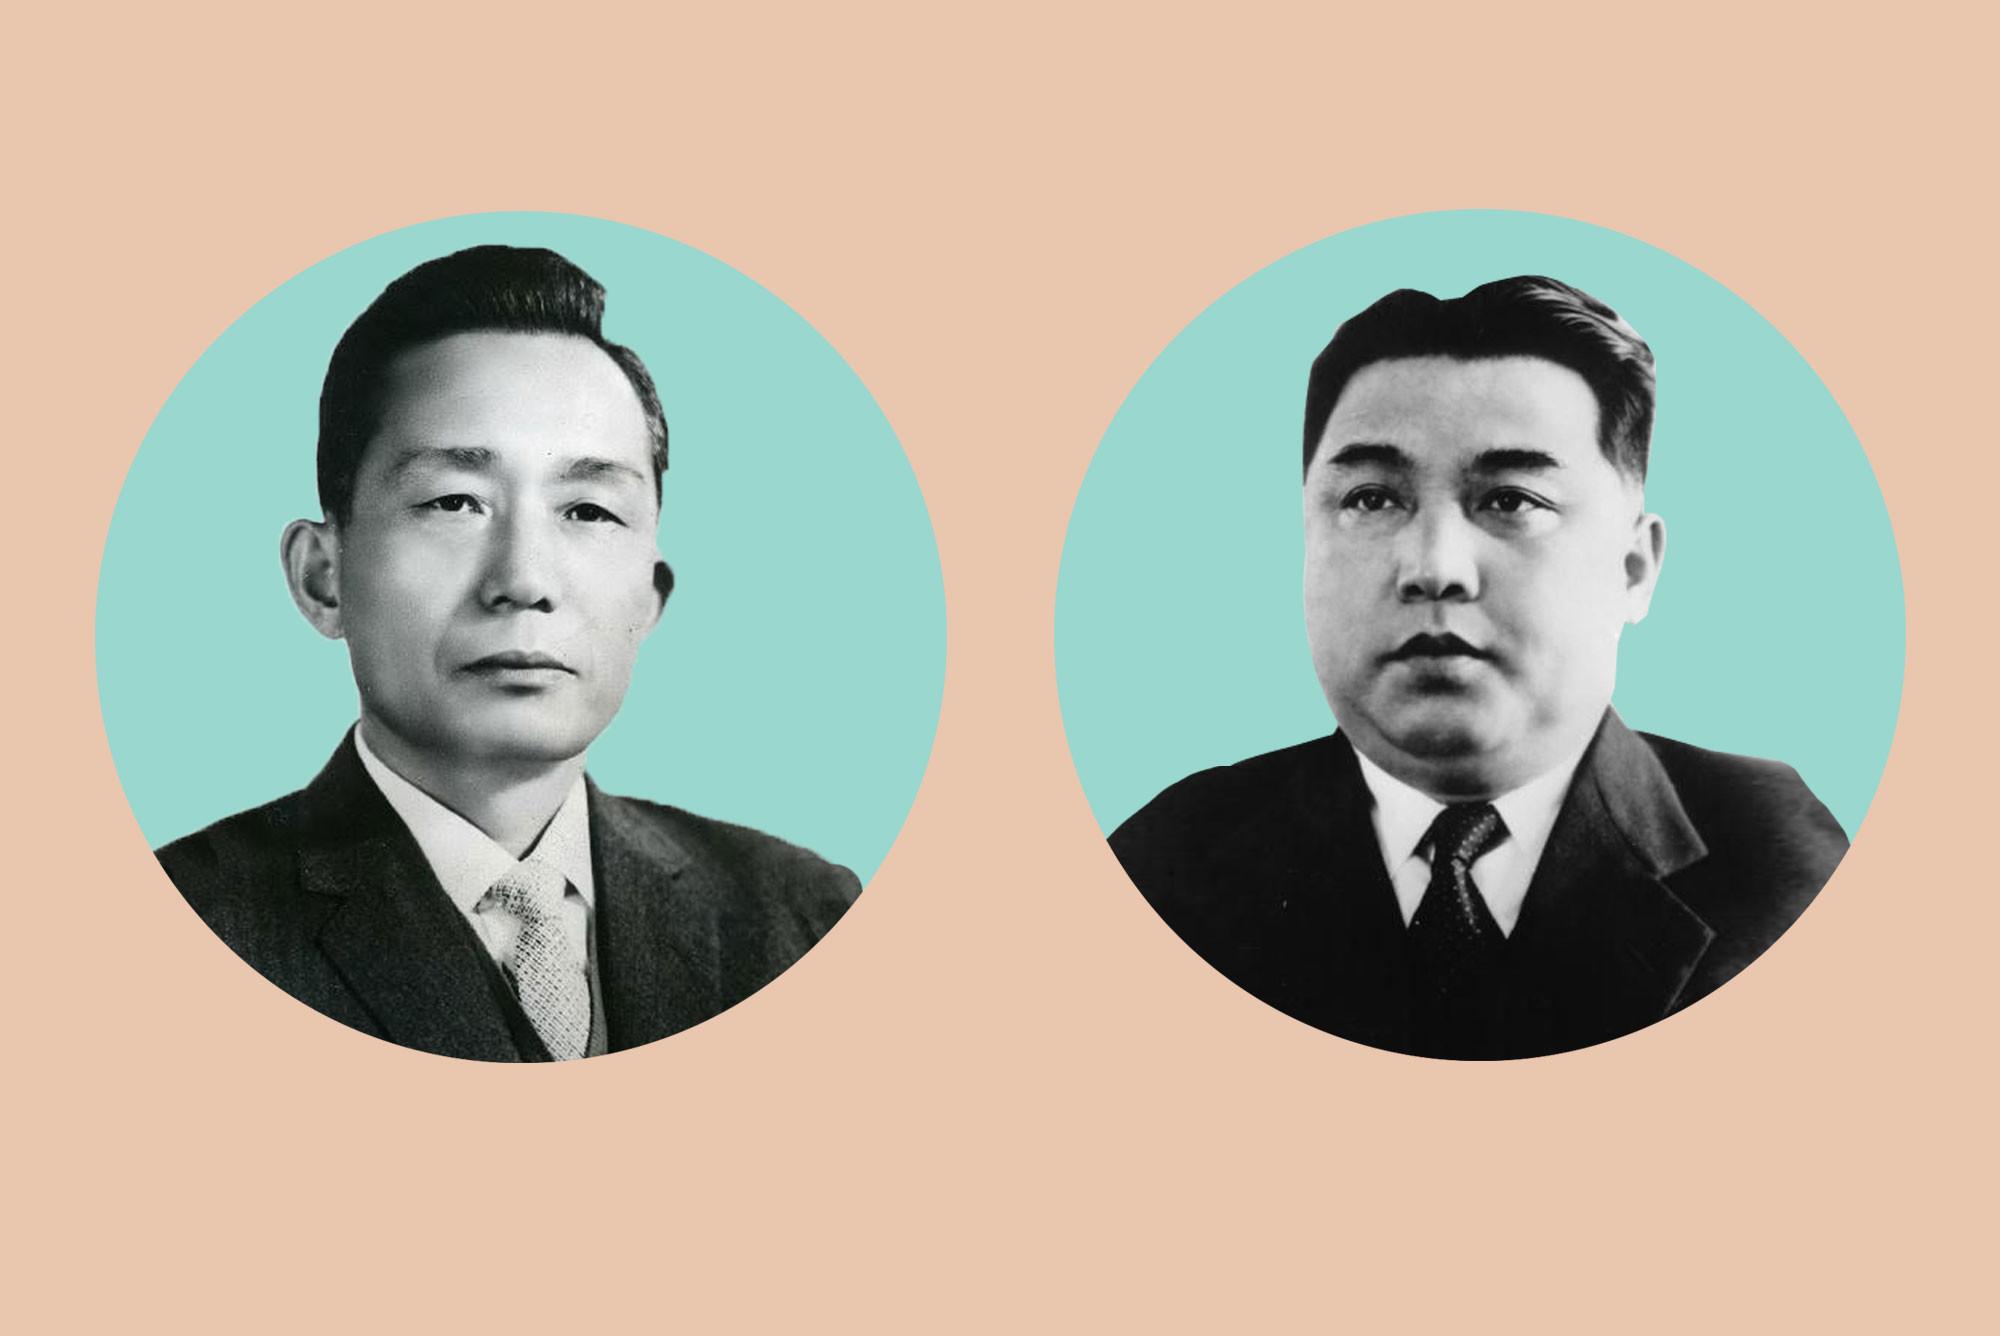 Пак Чон Хи и Ким Ир Сен. Коллаж © L!FE Фото: © Wikipedia.org